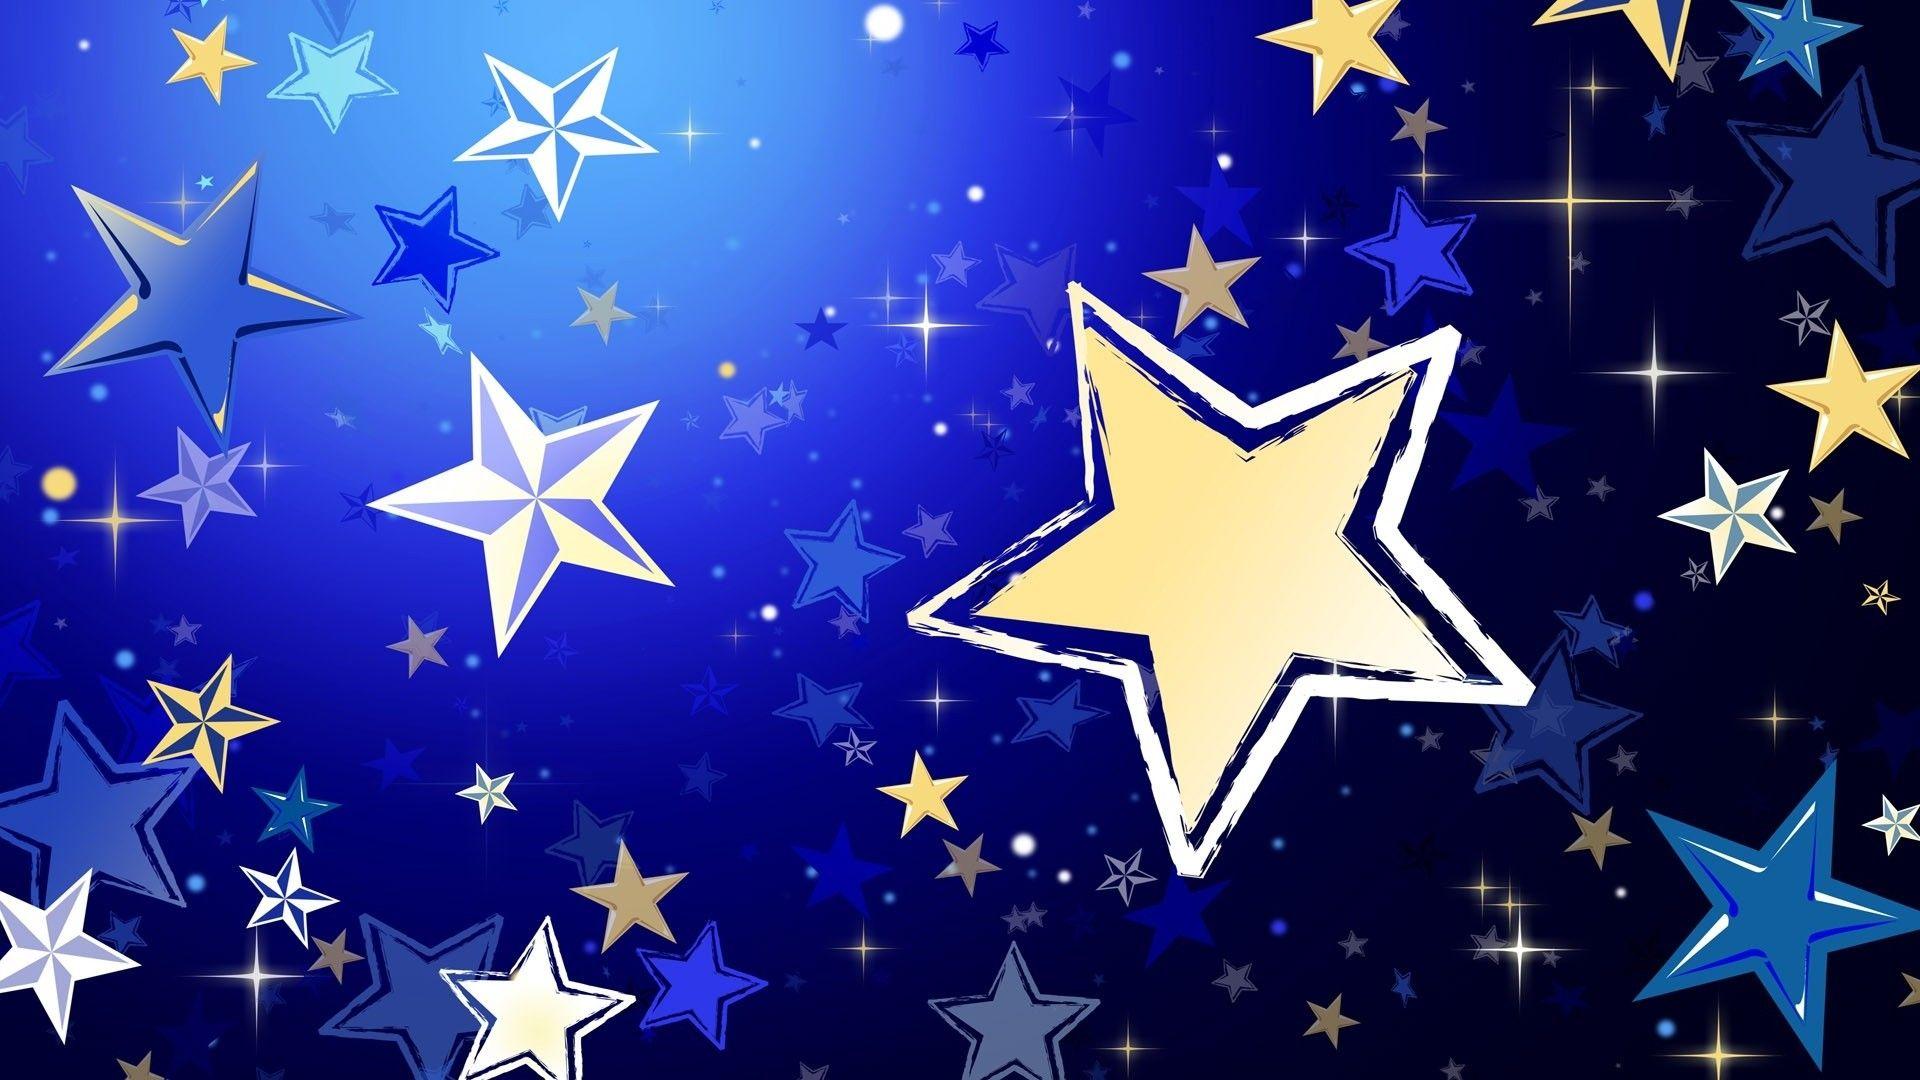 Download 1920x1080 Full Hd 1080p 1080i Stars Background Shape Size Wallpaper Widescreen Wallpapeprscraft Wallpaper Star Wallpaper Stars